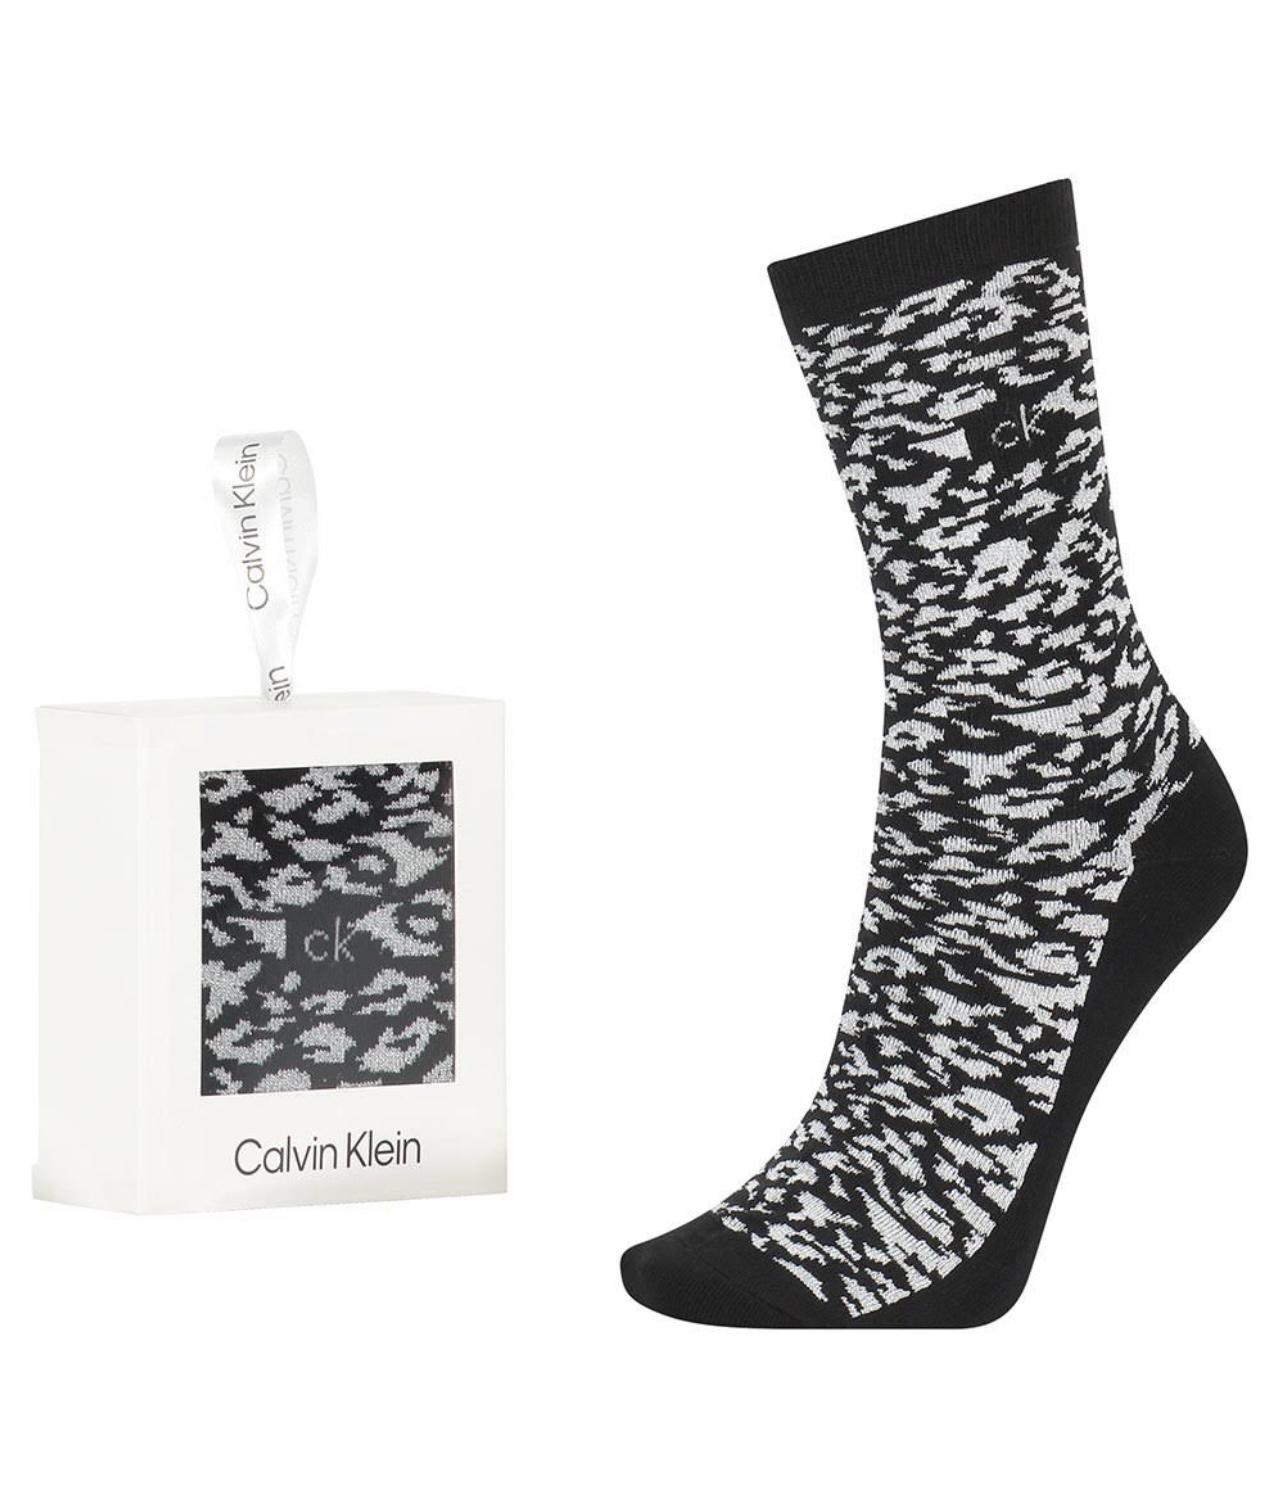 Γυναικεία Κάλτσα  Calvin Klein - Συσκευασία Δώρου - Ασπρόμαυρη - One Size